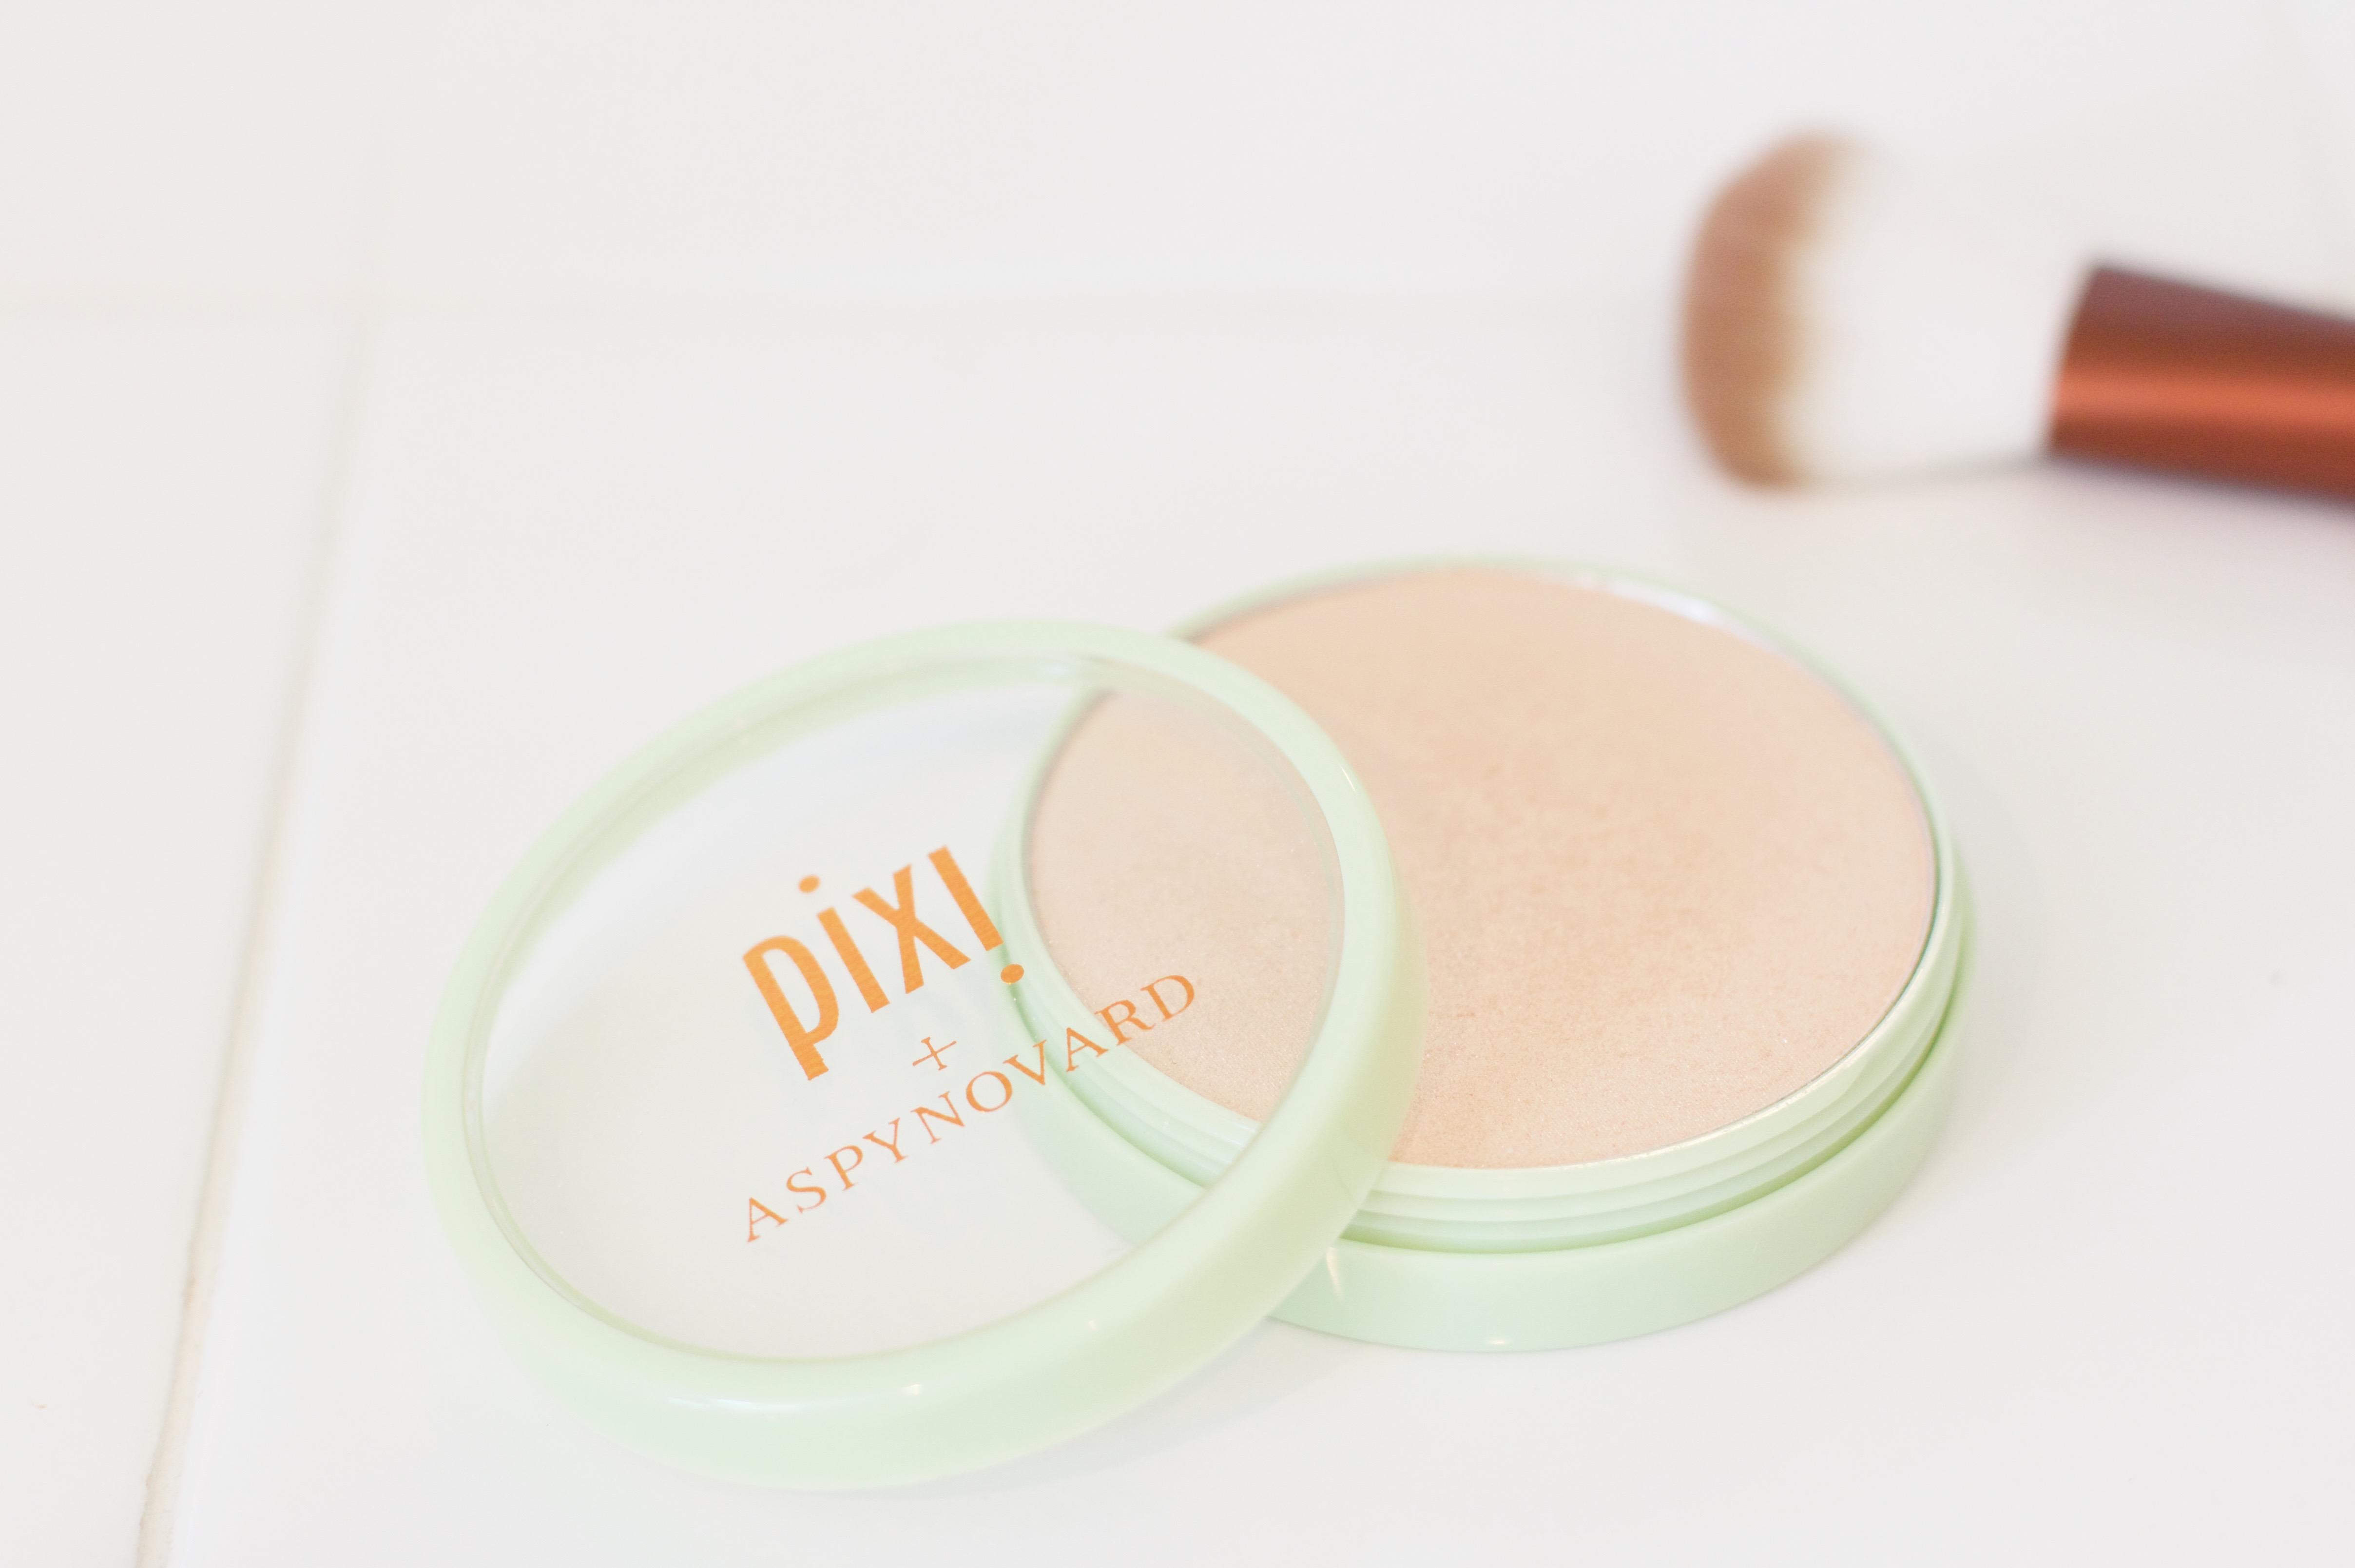 Pixi By Petra + Aspynovard Glow-y Powder review